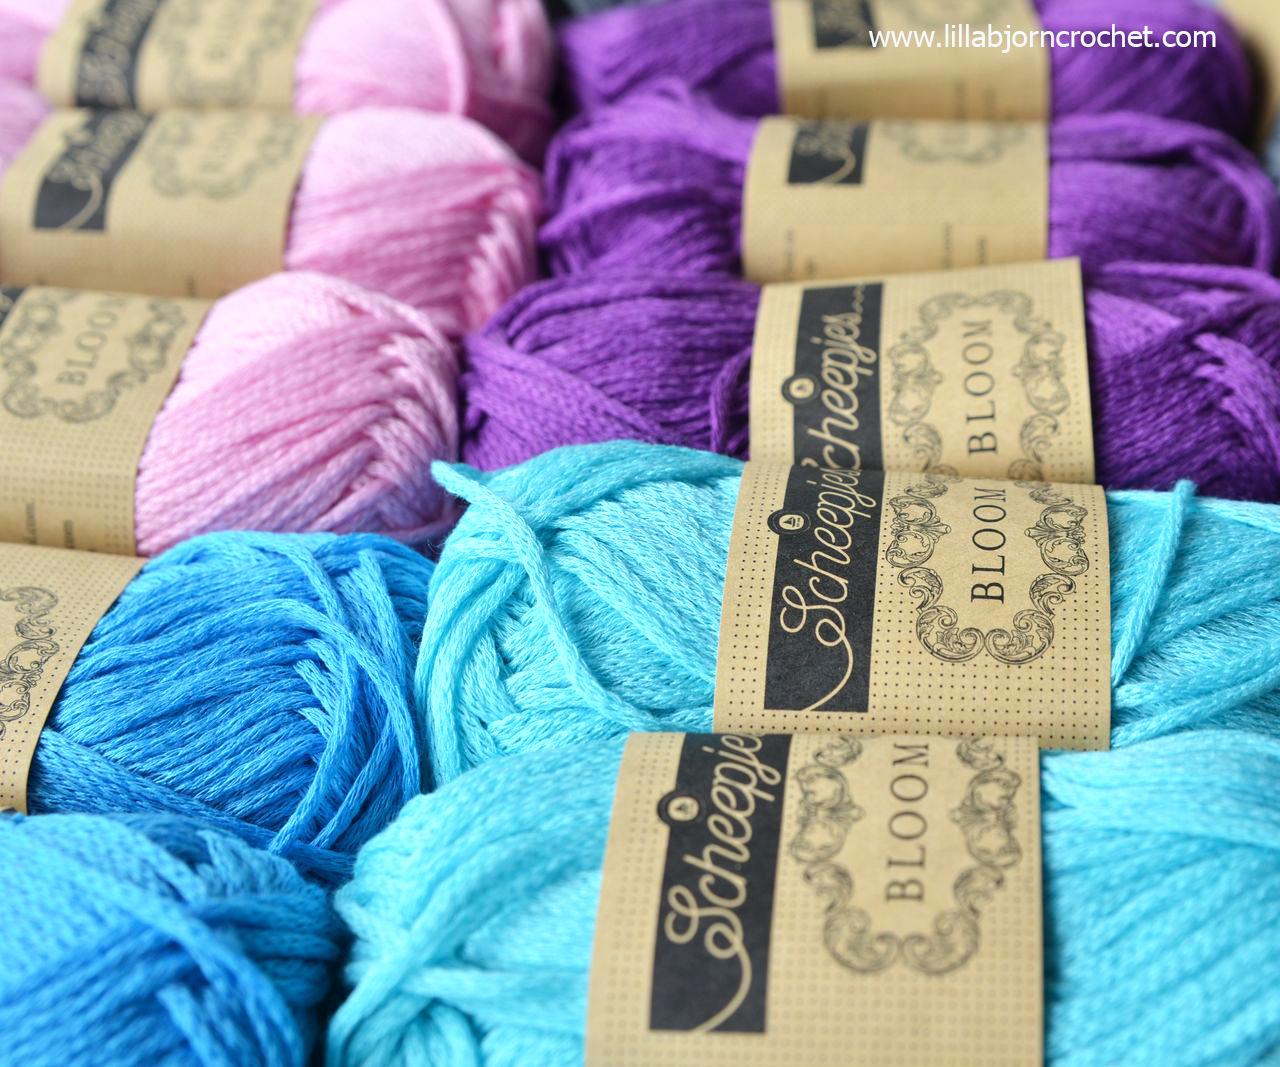 Bloom yarn by Scheepjes